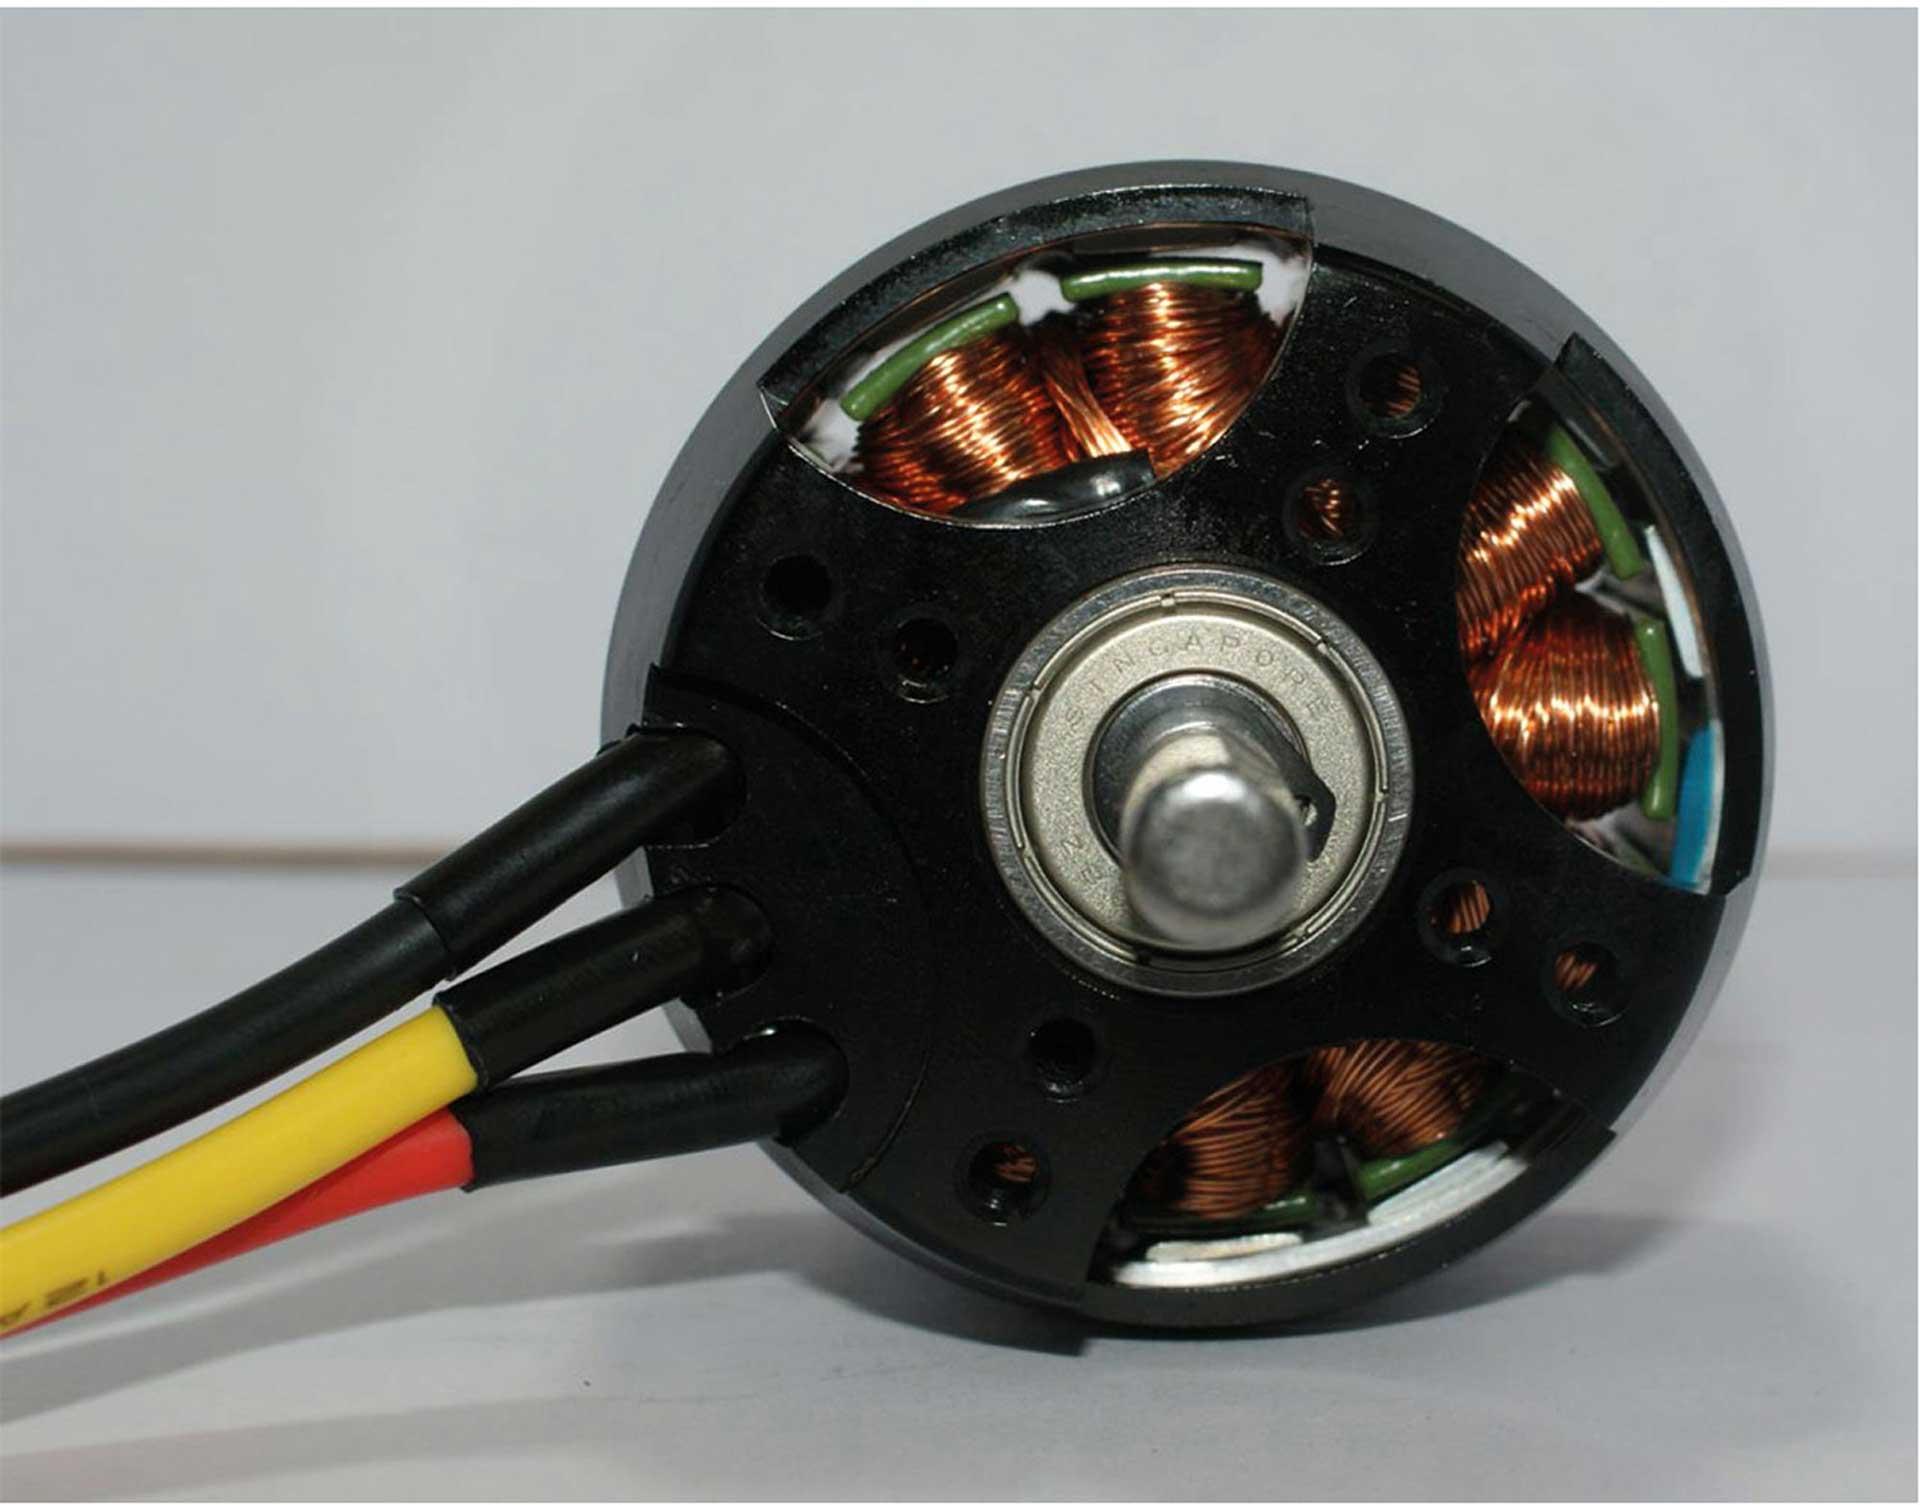 ROBBE RO-POWER TORQUE 6359 350 K/V BRUSHLESS